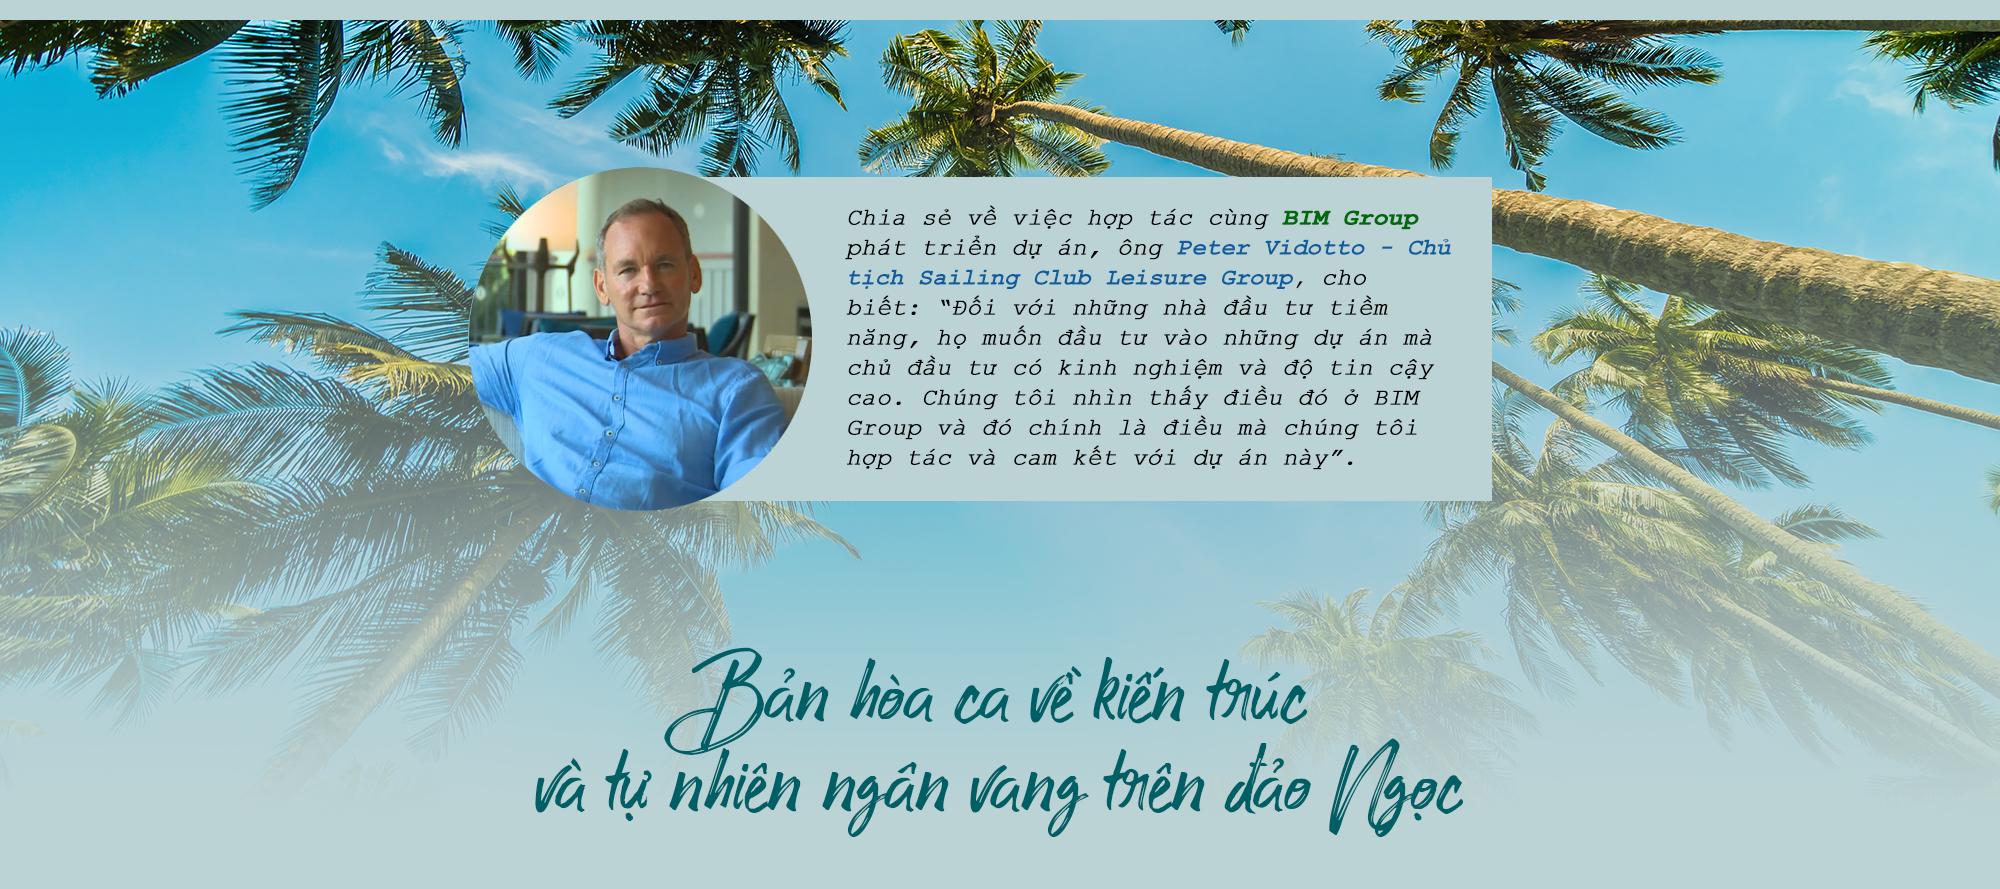 Hơi thở thiên nhiên trong những căn biệt thự của BIM Group trên đảo ngọc Phú Quốc - Ảnh 5.